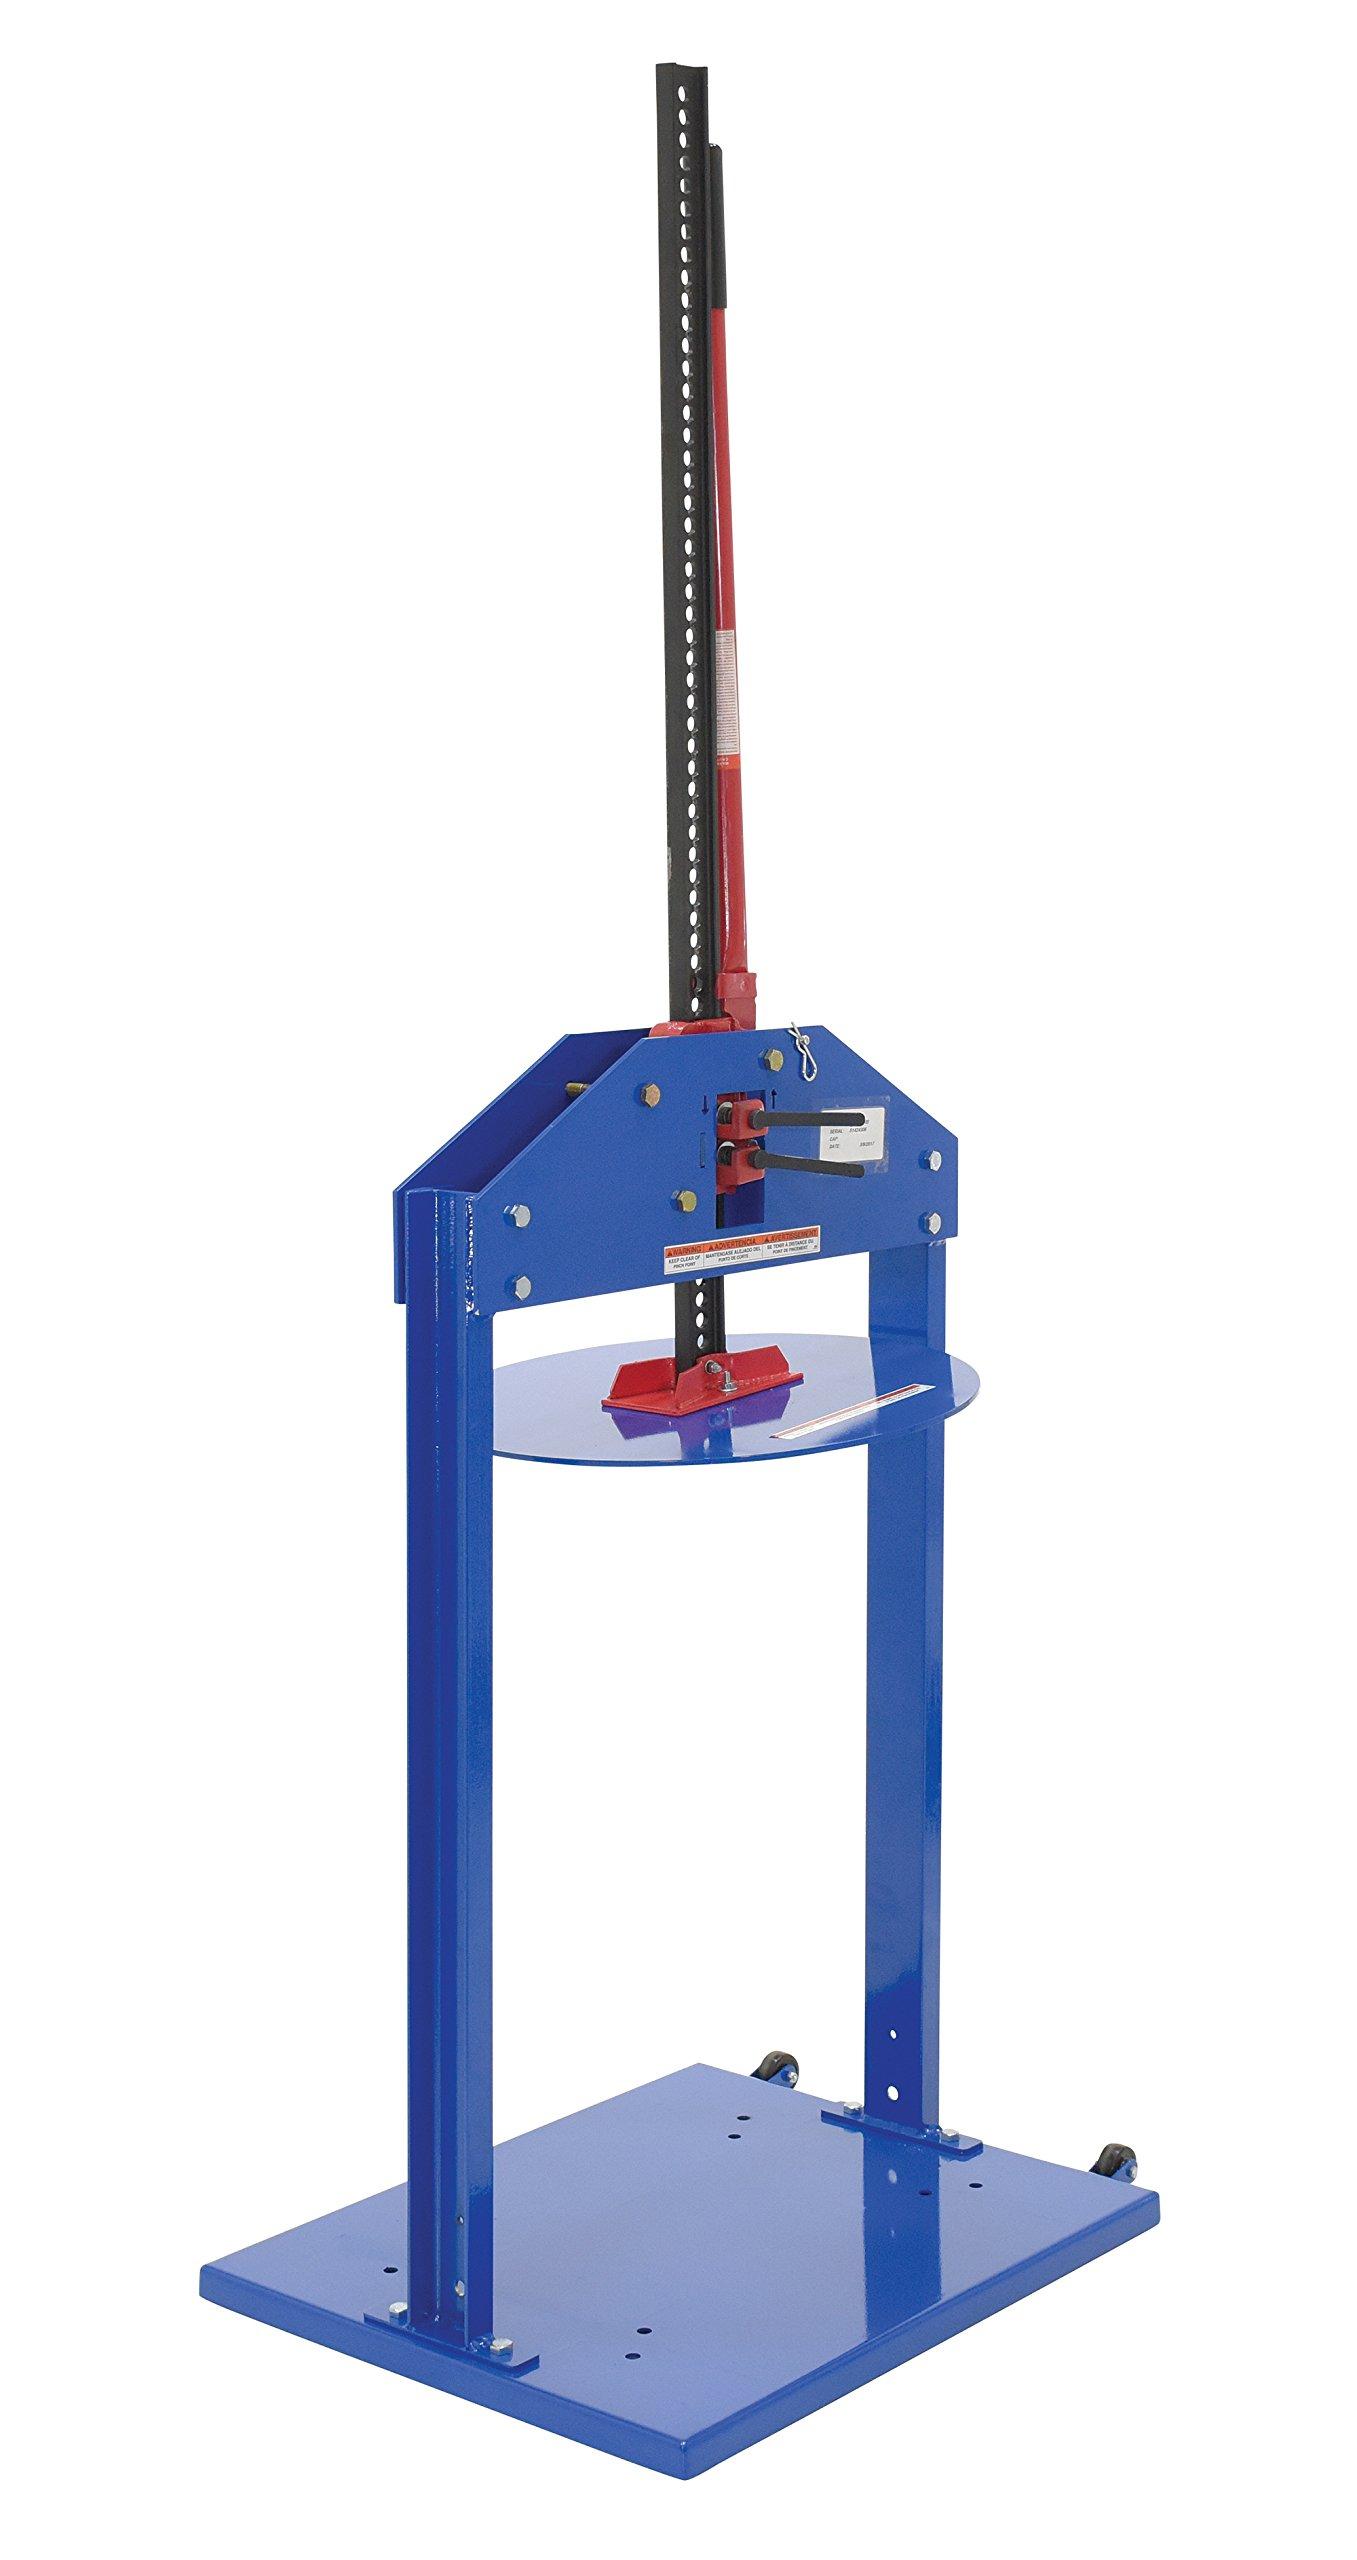 Vestil MTC-55 Manual Trash Compactor for 55 gal Drums, Blue